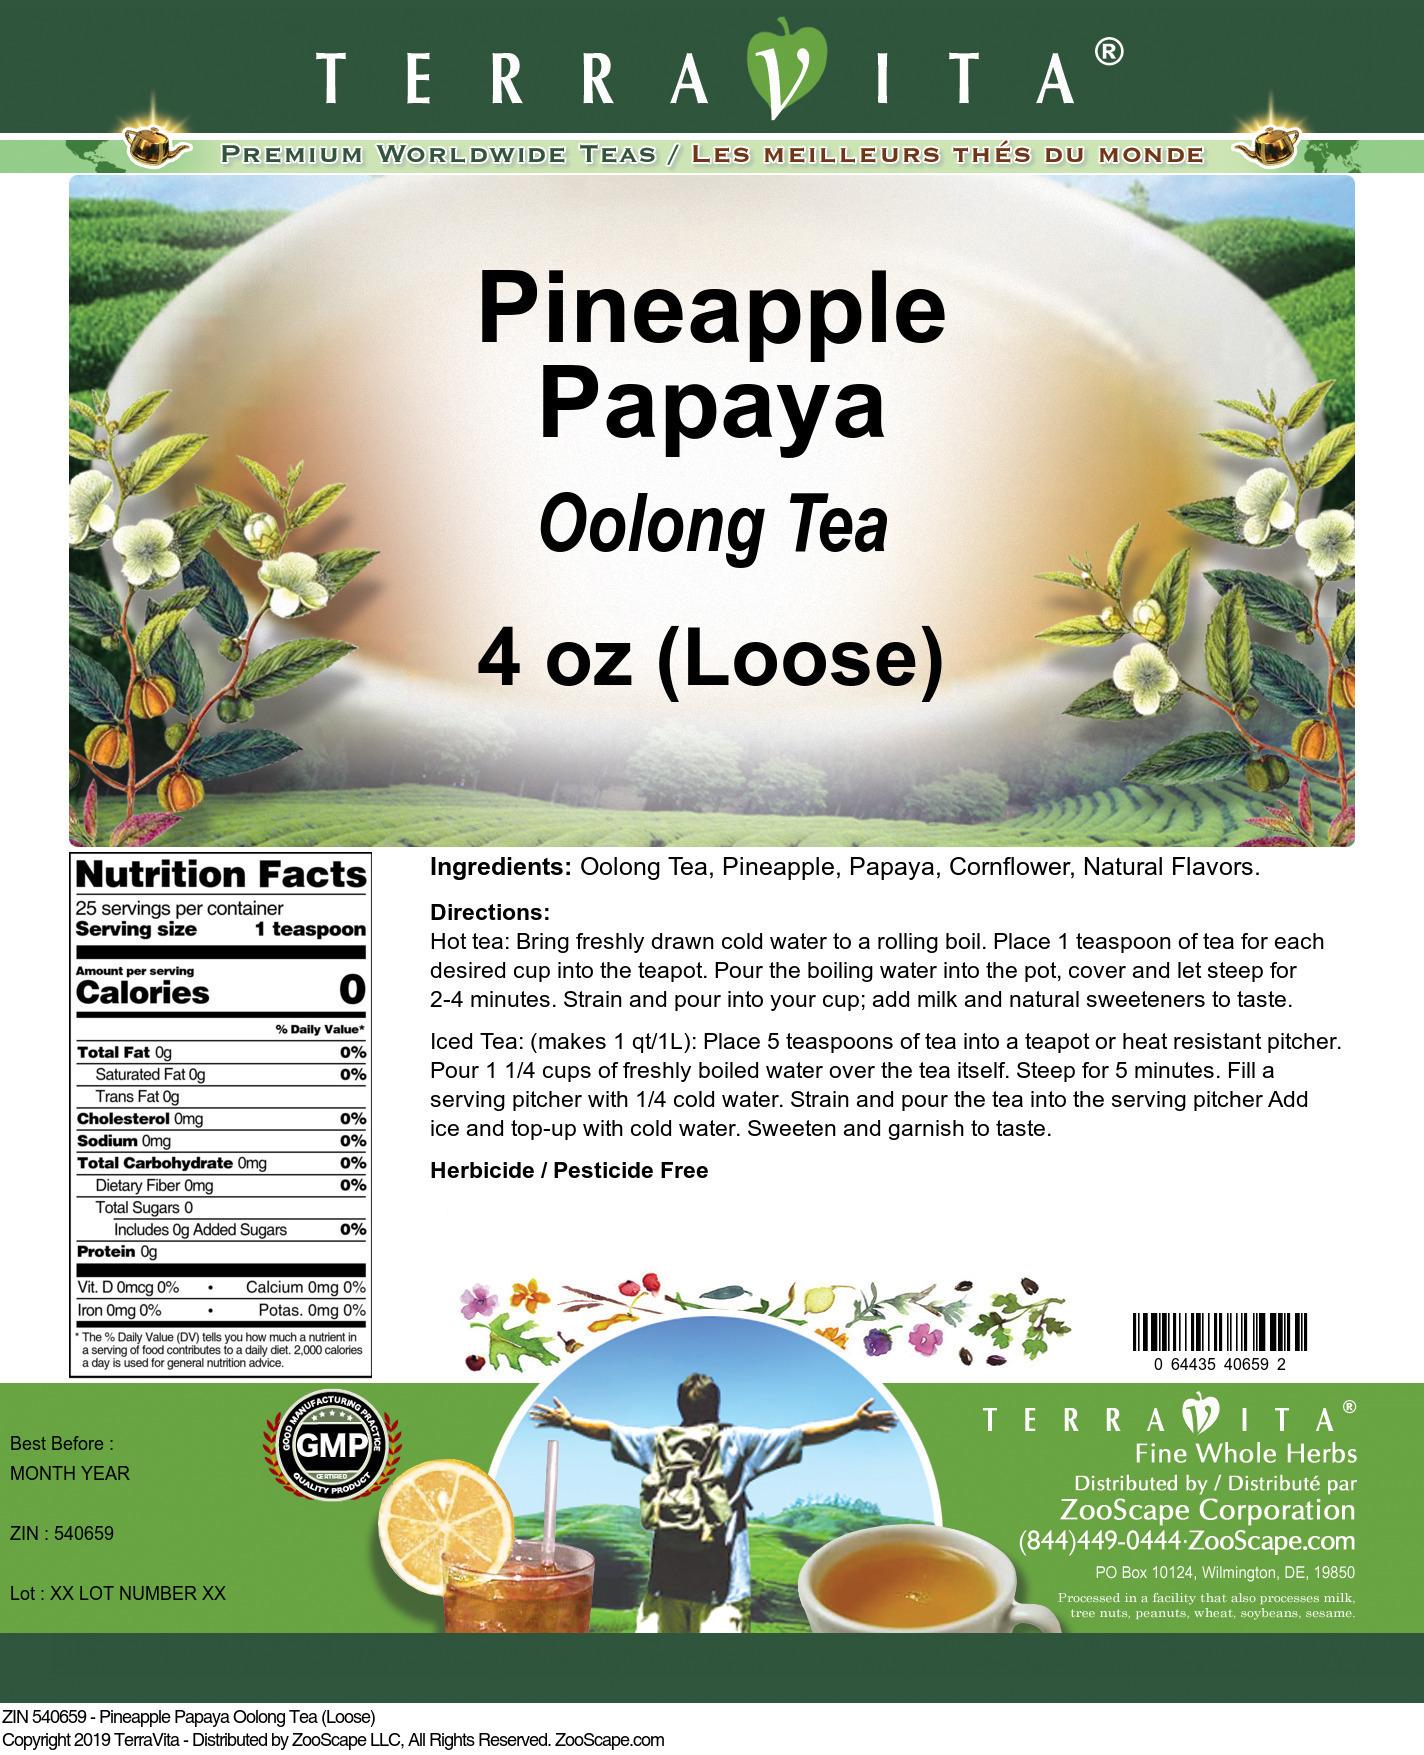 Pineapple Papaya Oolong Tea